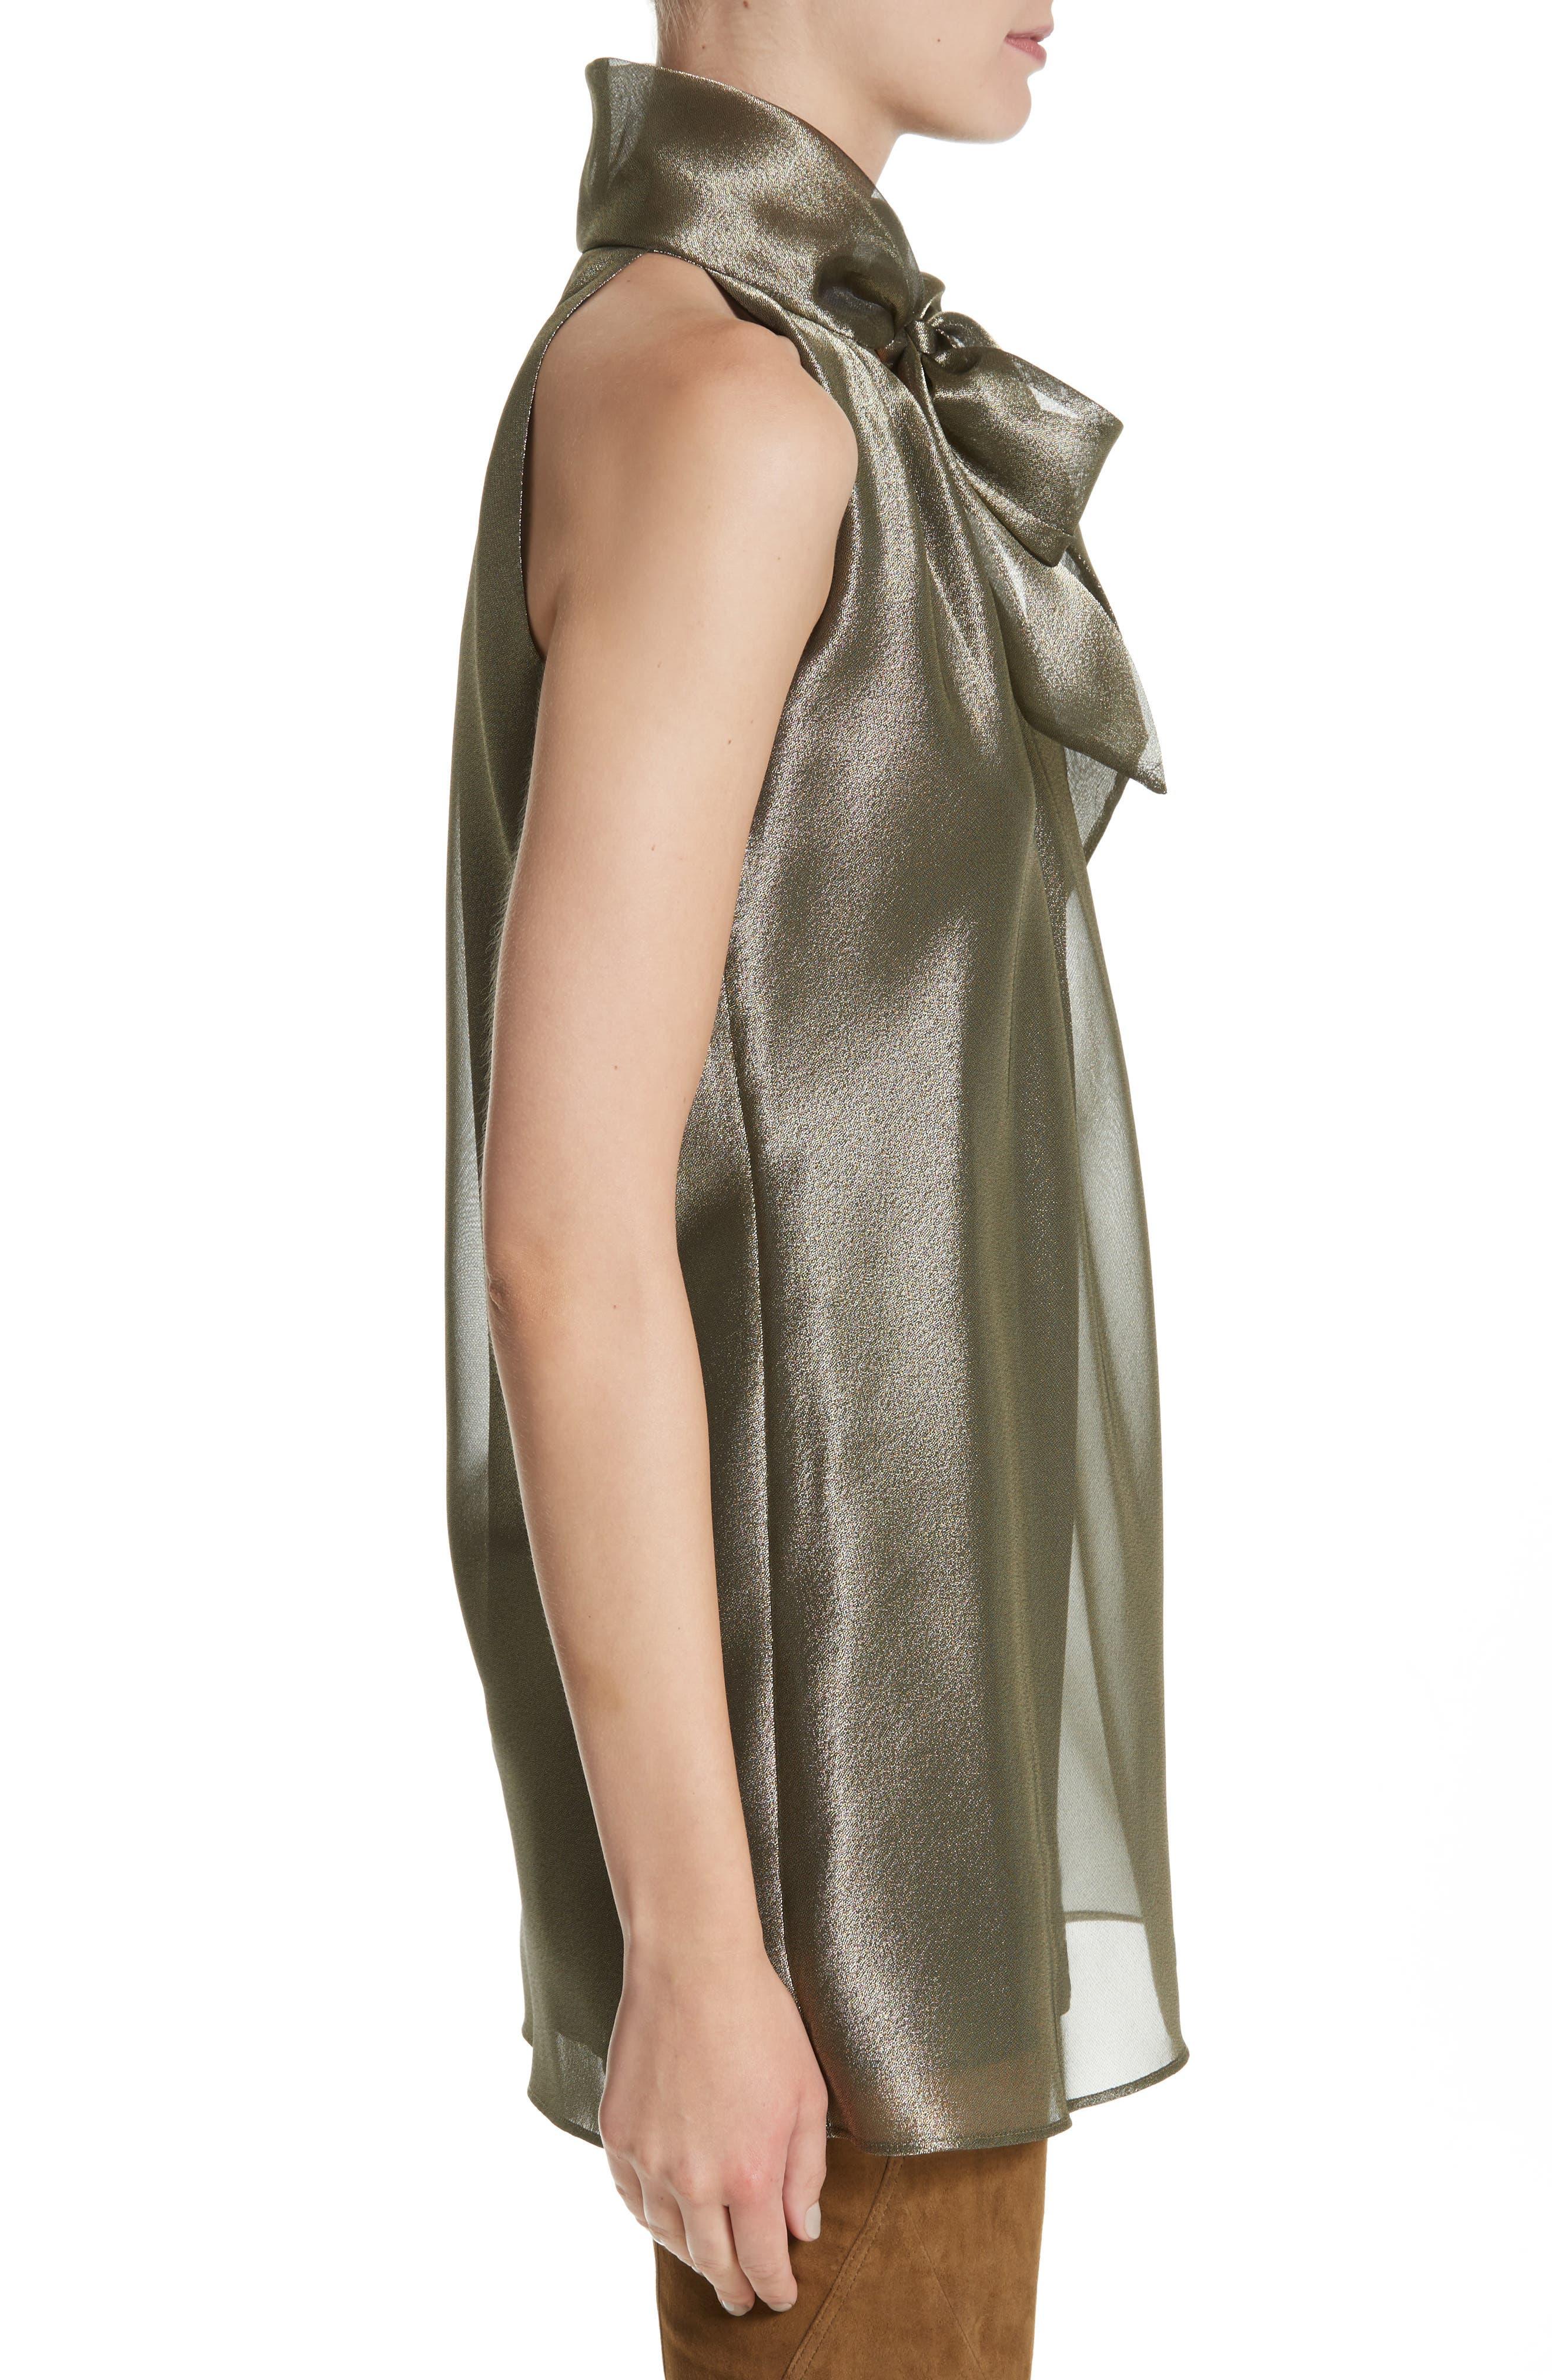 Julissa Bijoux Cloth Blouse,                             Alternate thumbnail 3, color,                             220